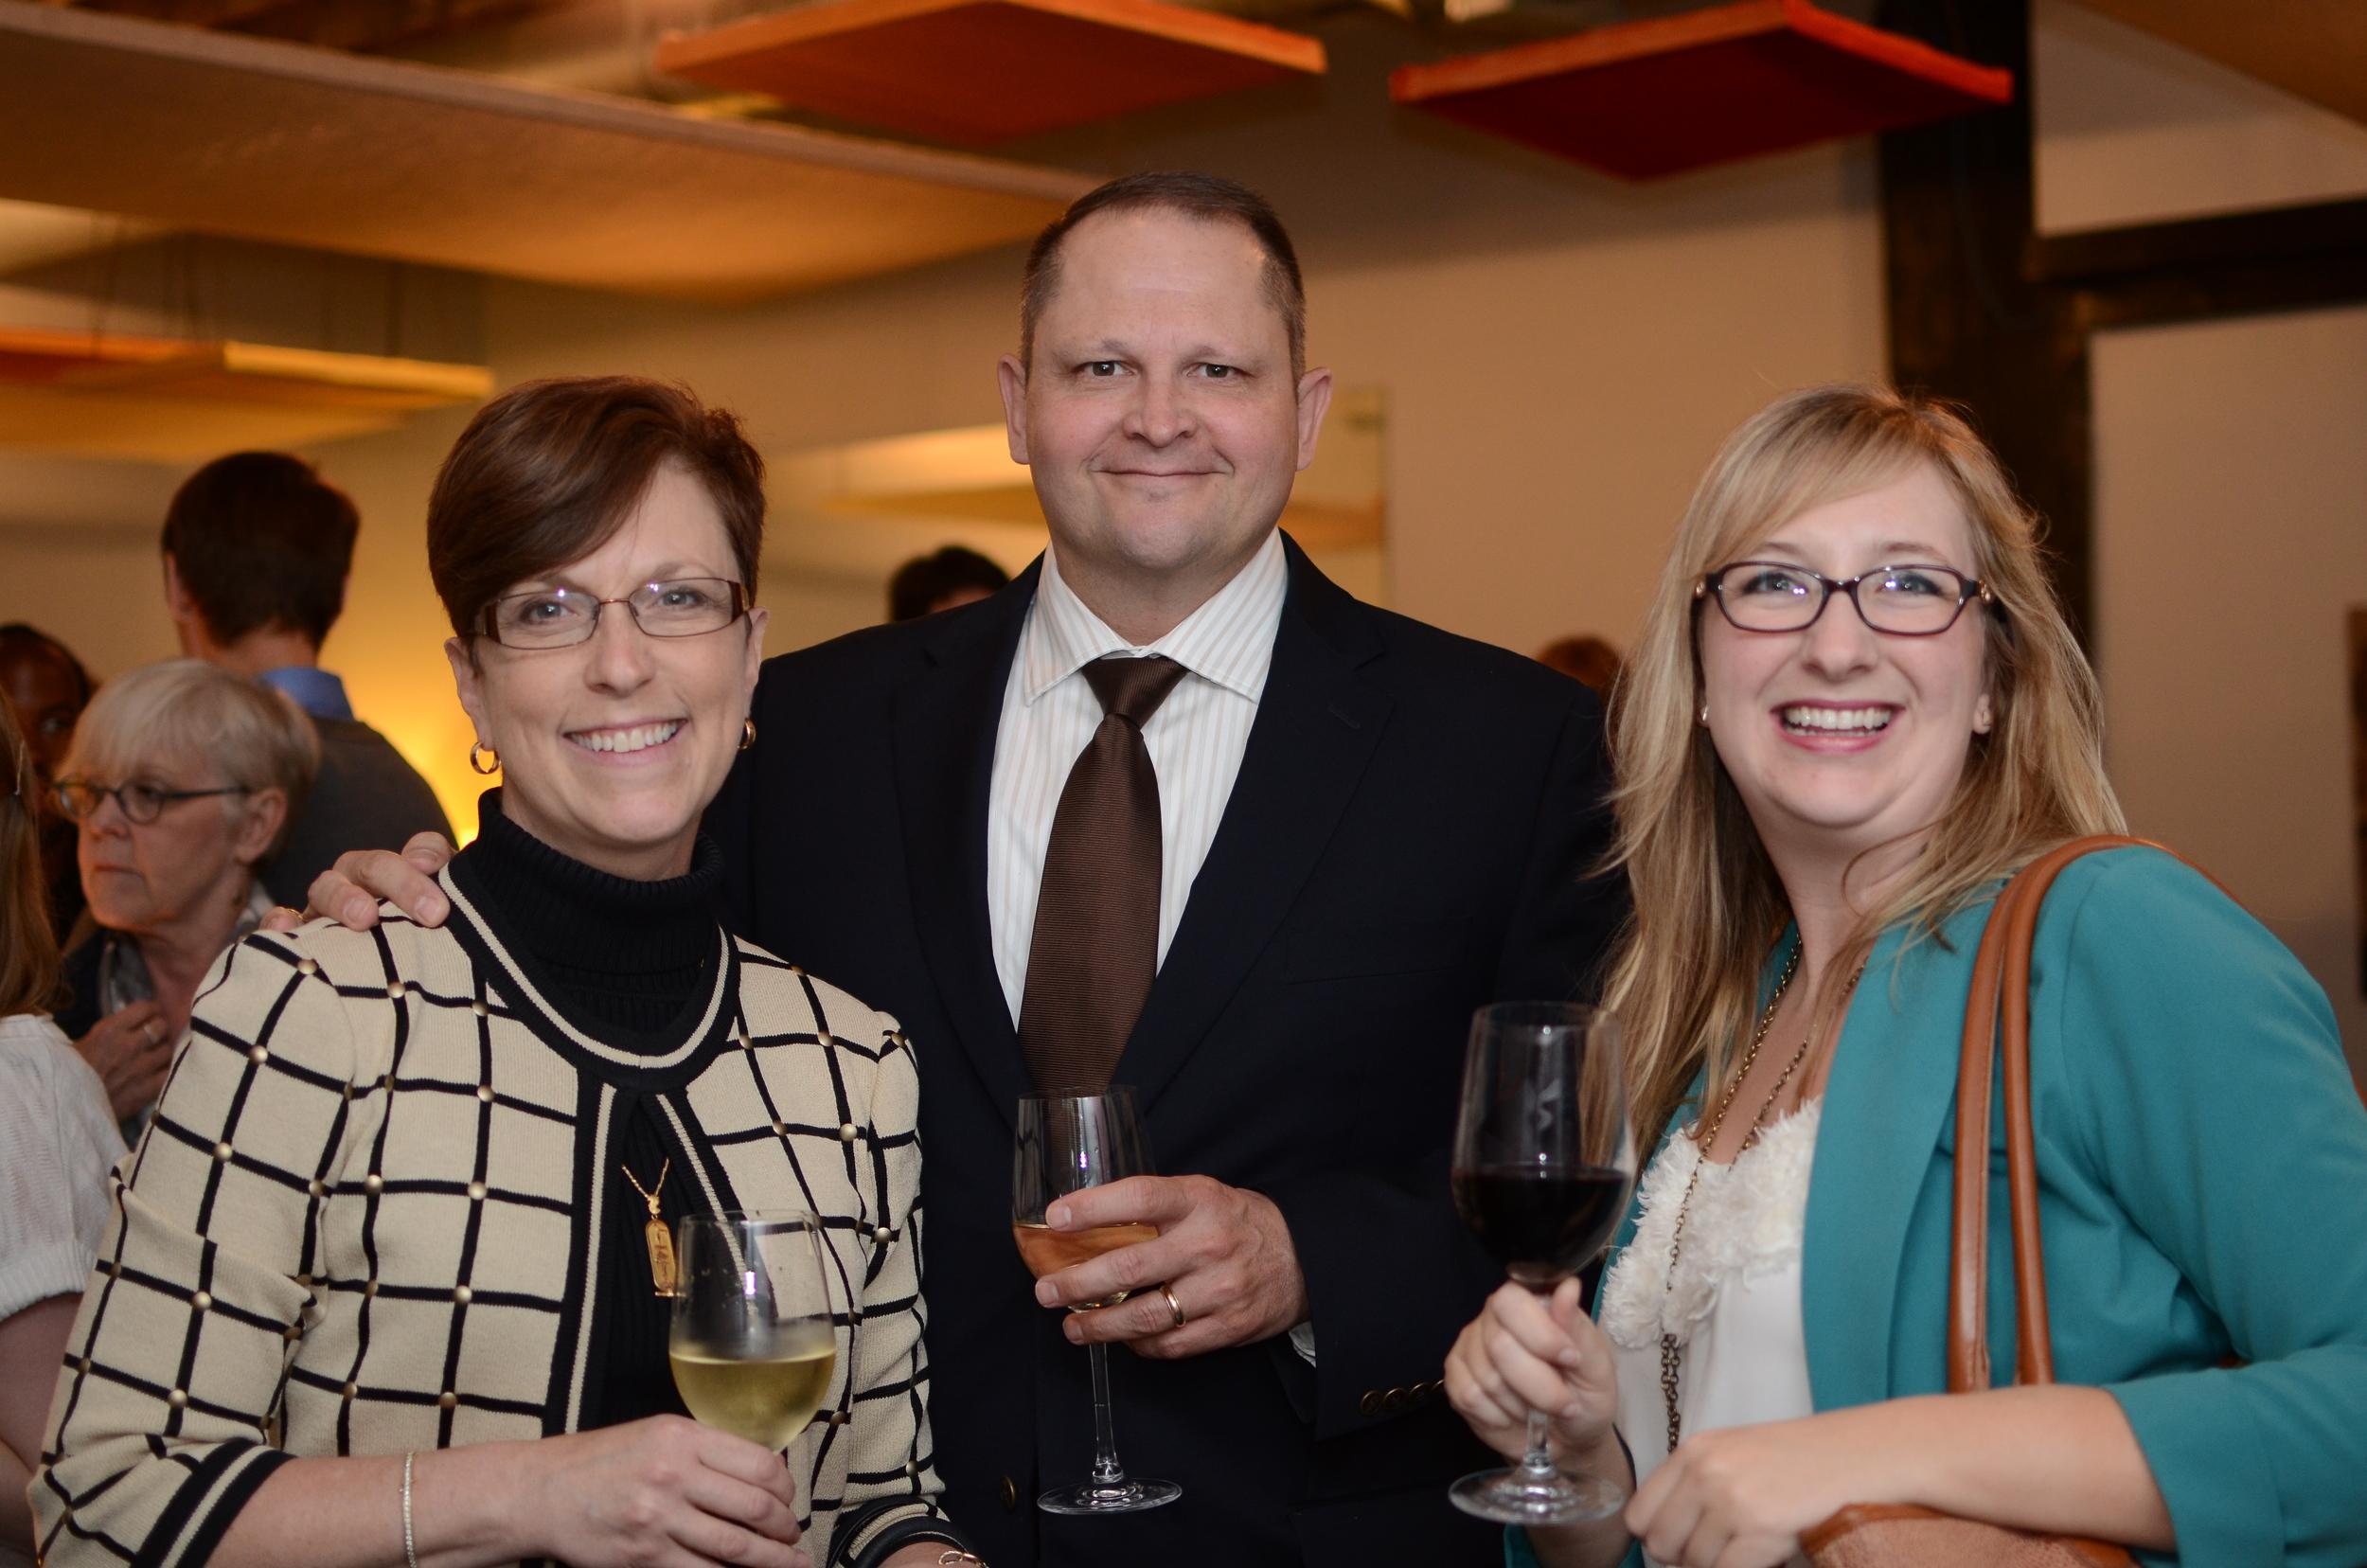 Jennifer Wampler, UMKC Conservatory; Bryan Wampler; Jamie Roach, The Emerging Business CFO – EBCFO